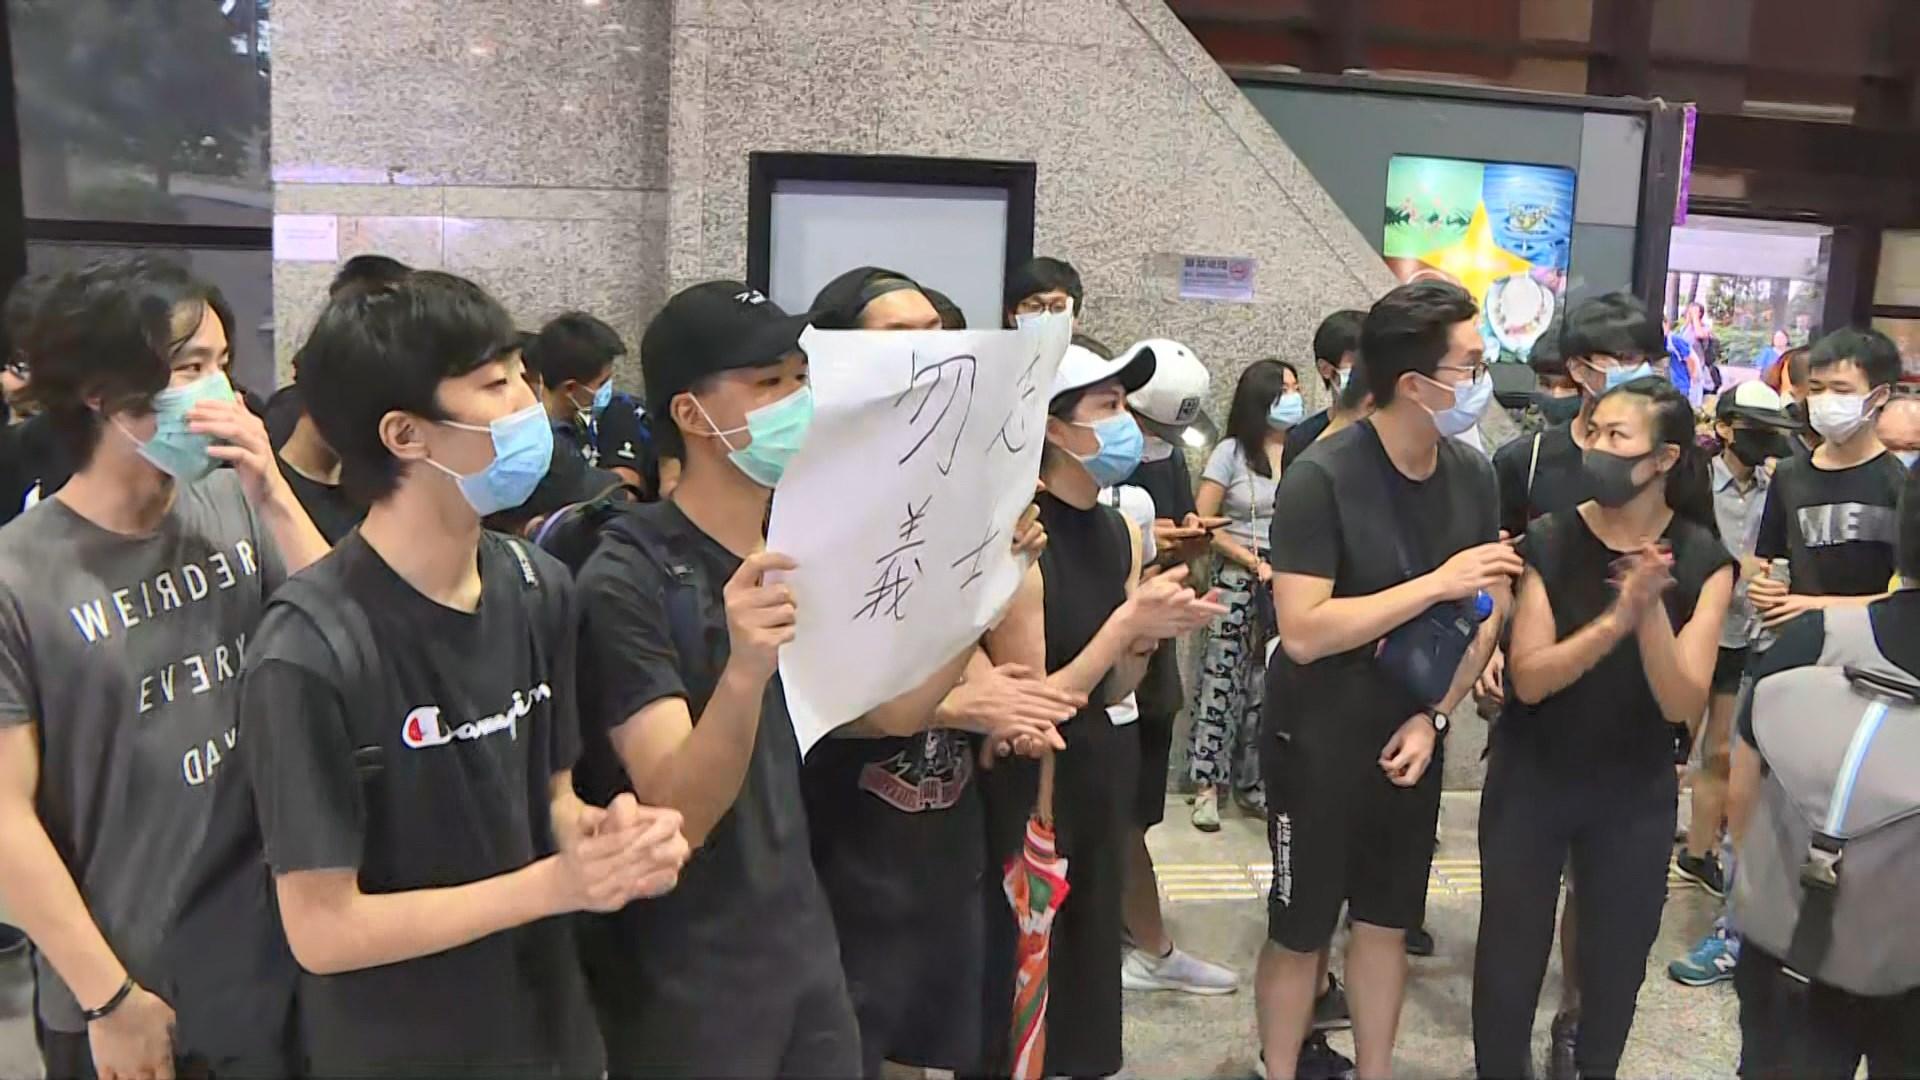 示威者轉到入境事務大樓繼續示威